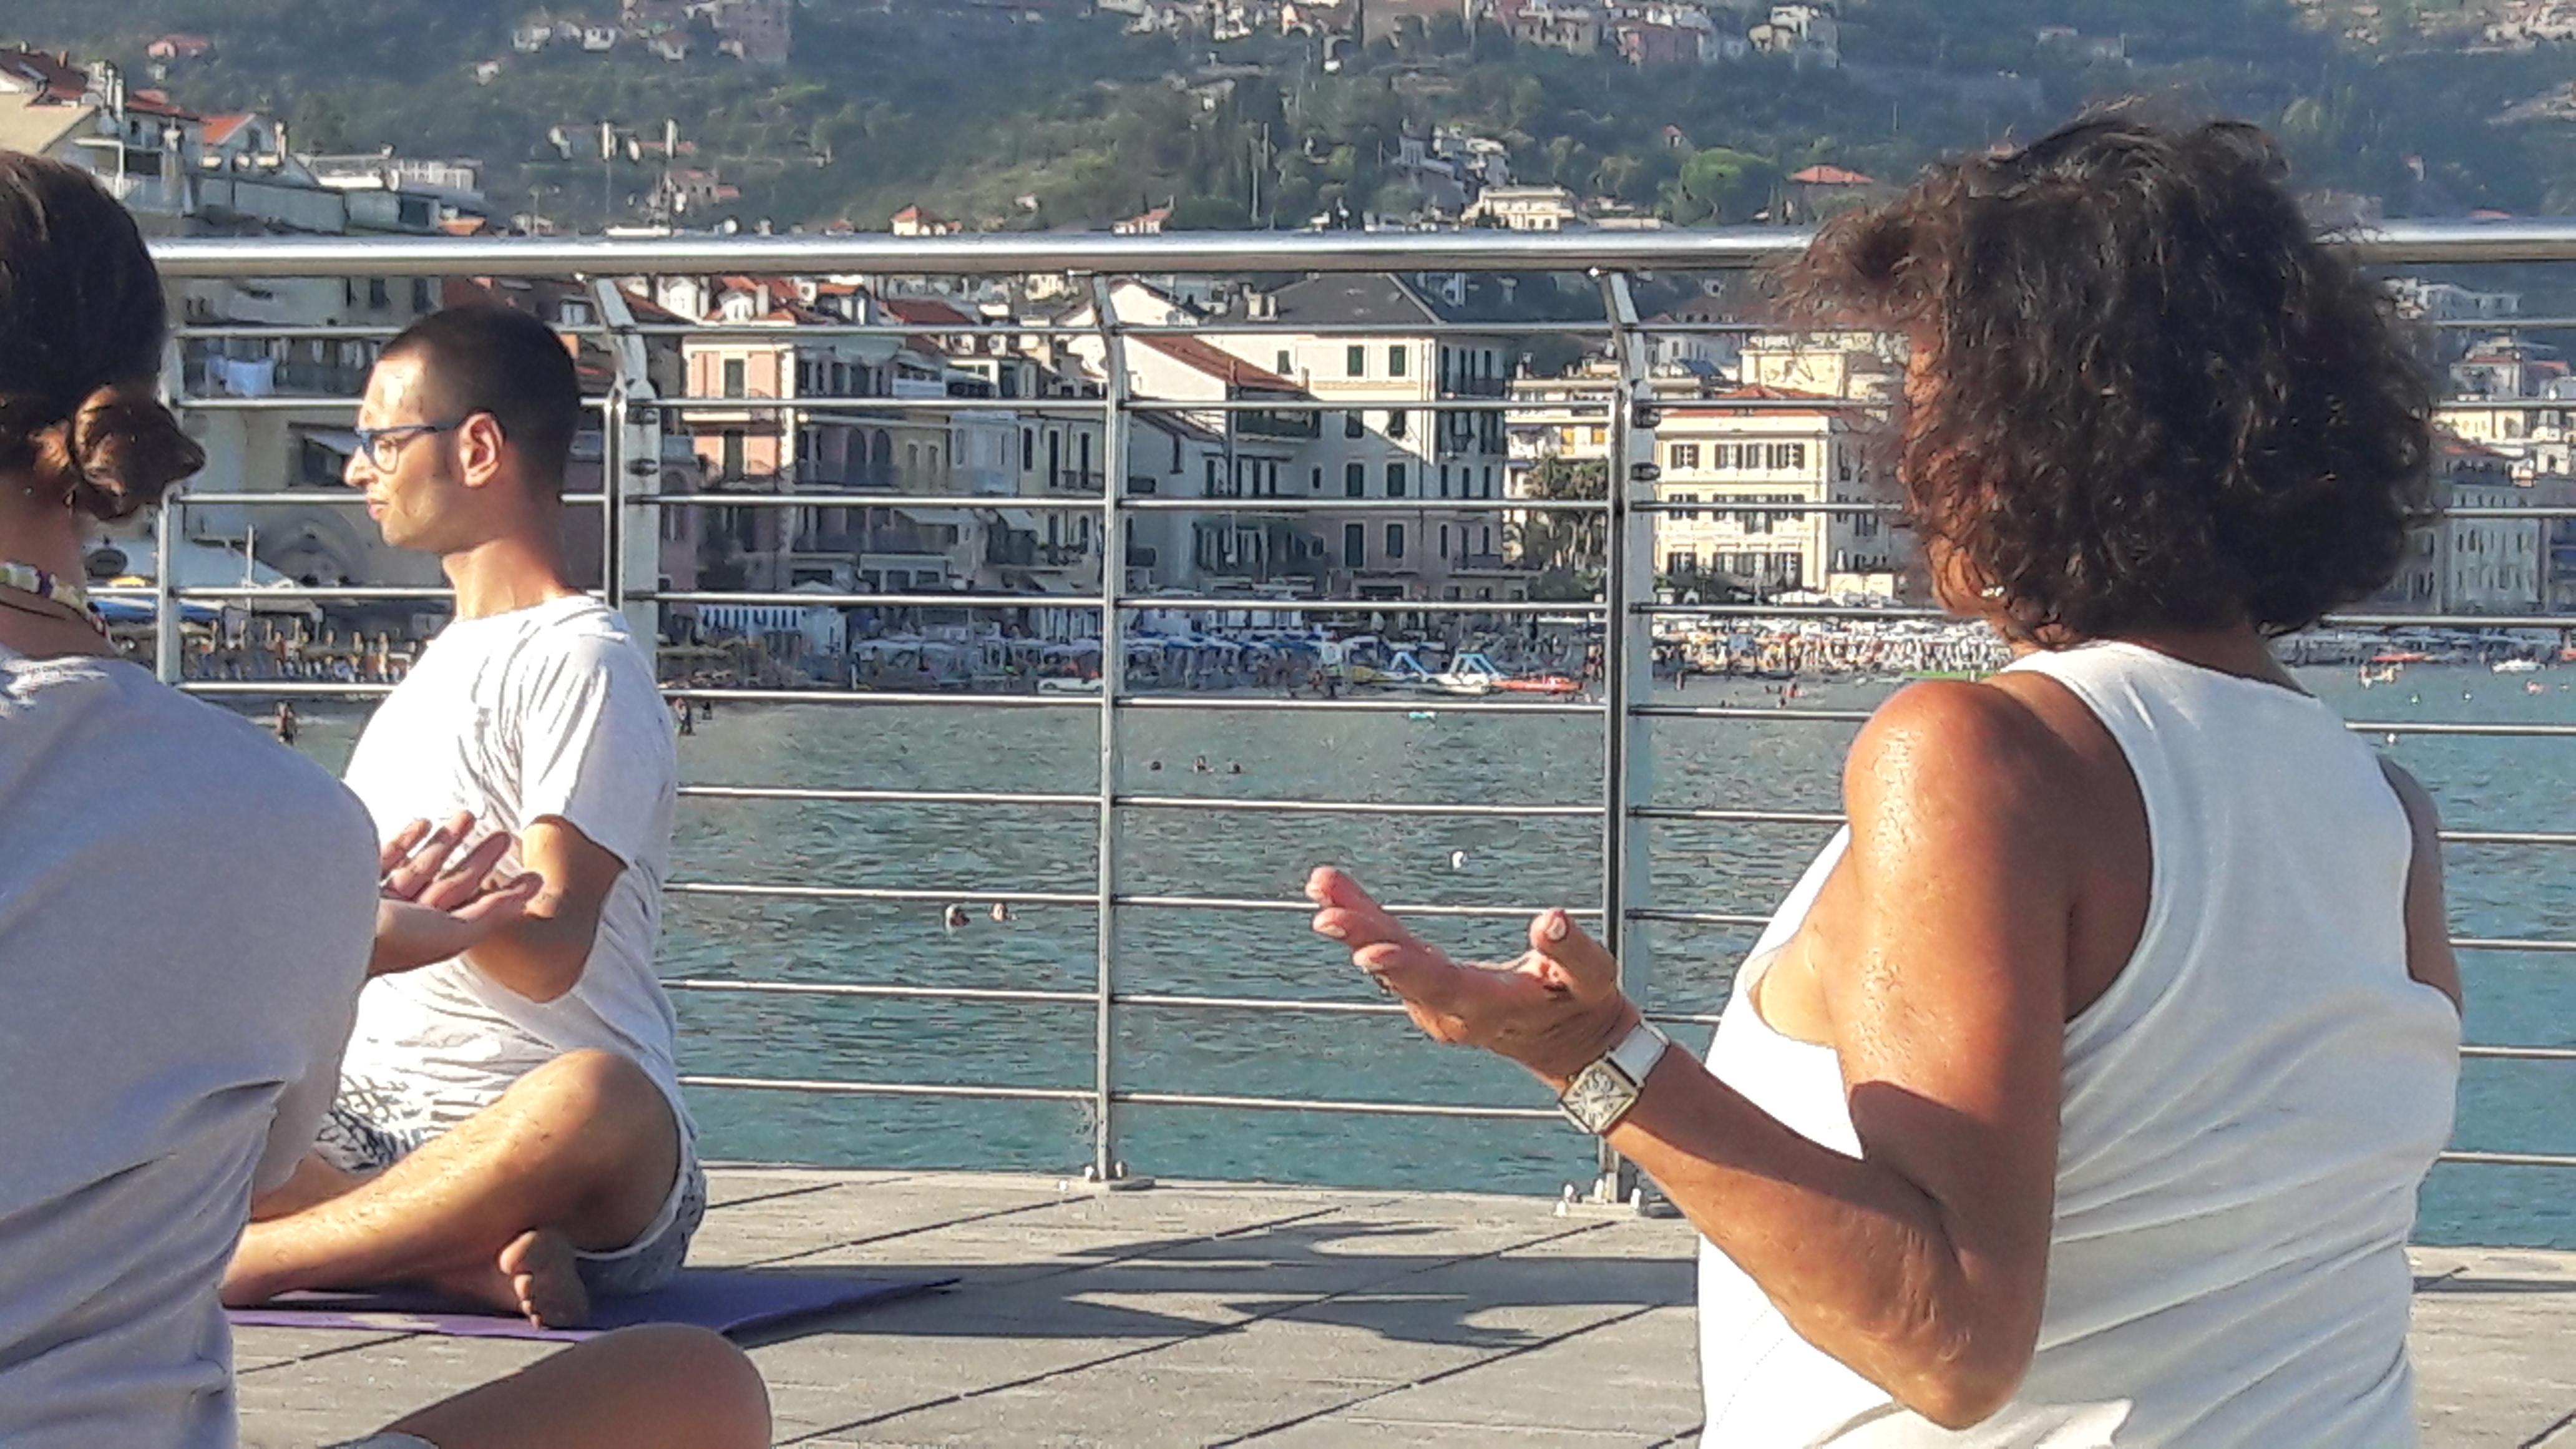 1_essere-free-yoga-gratuito-benessere-per-tutti-village-citta-alassio-estate-lucia-ragazzi-summer-town-wellness-066